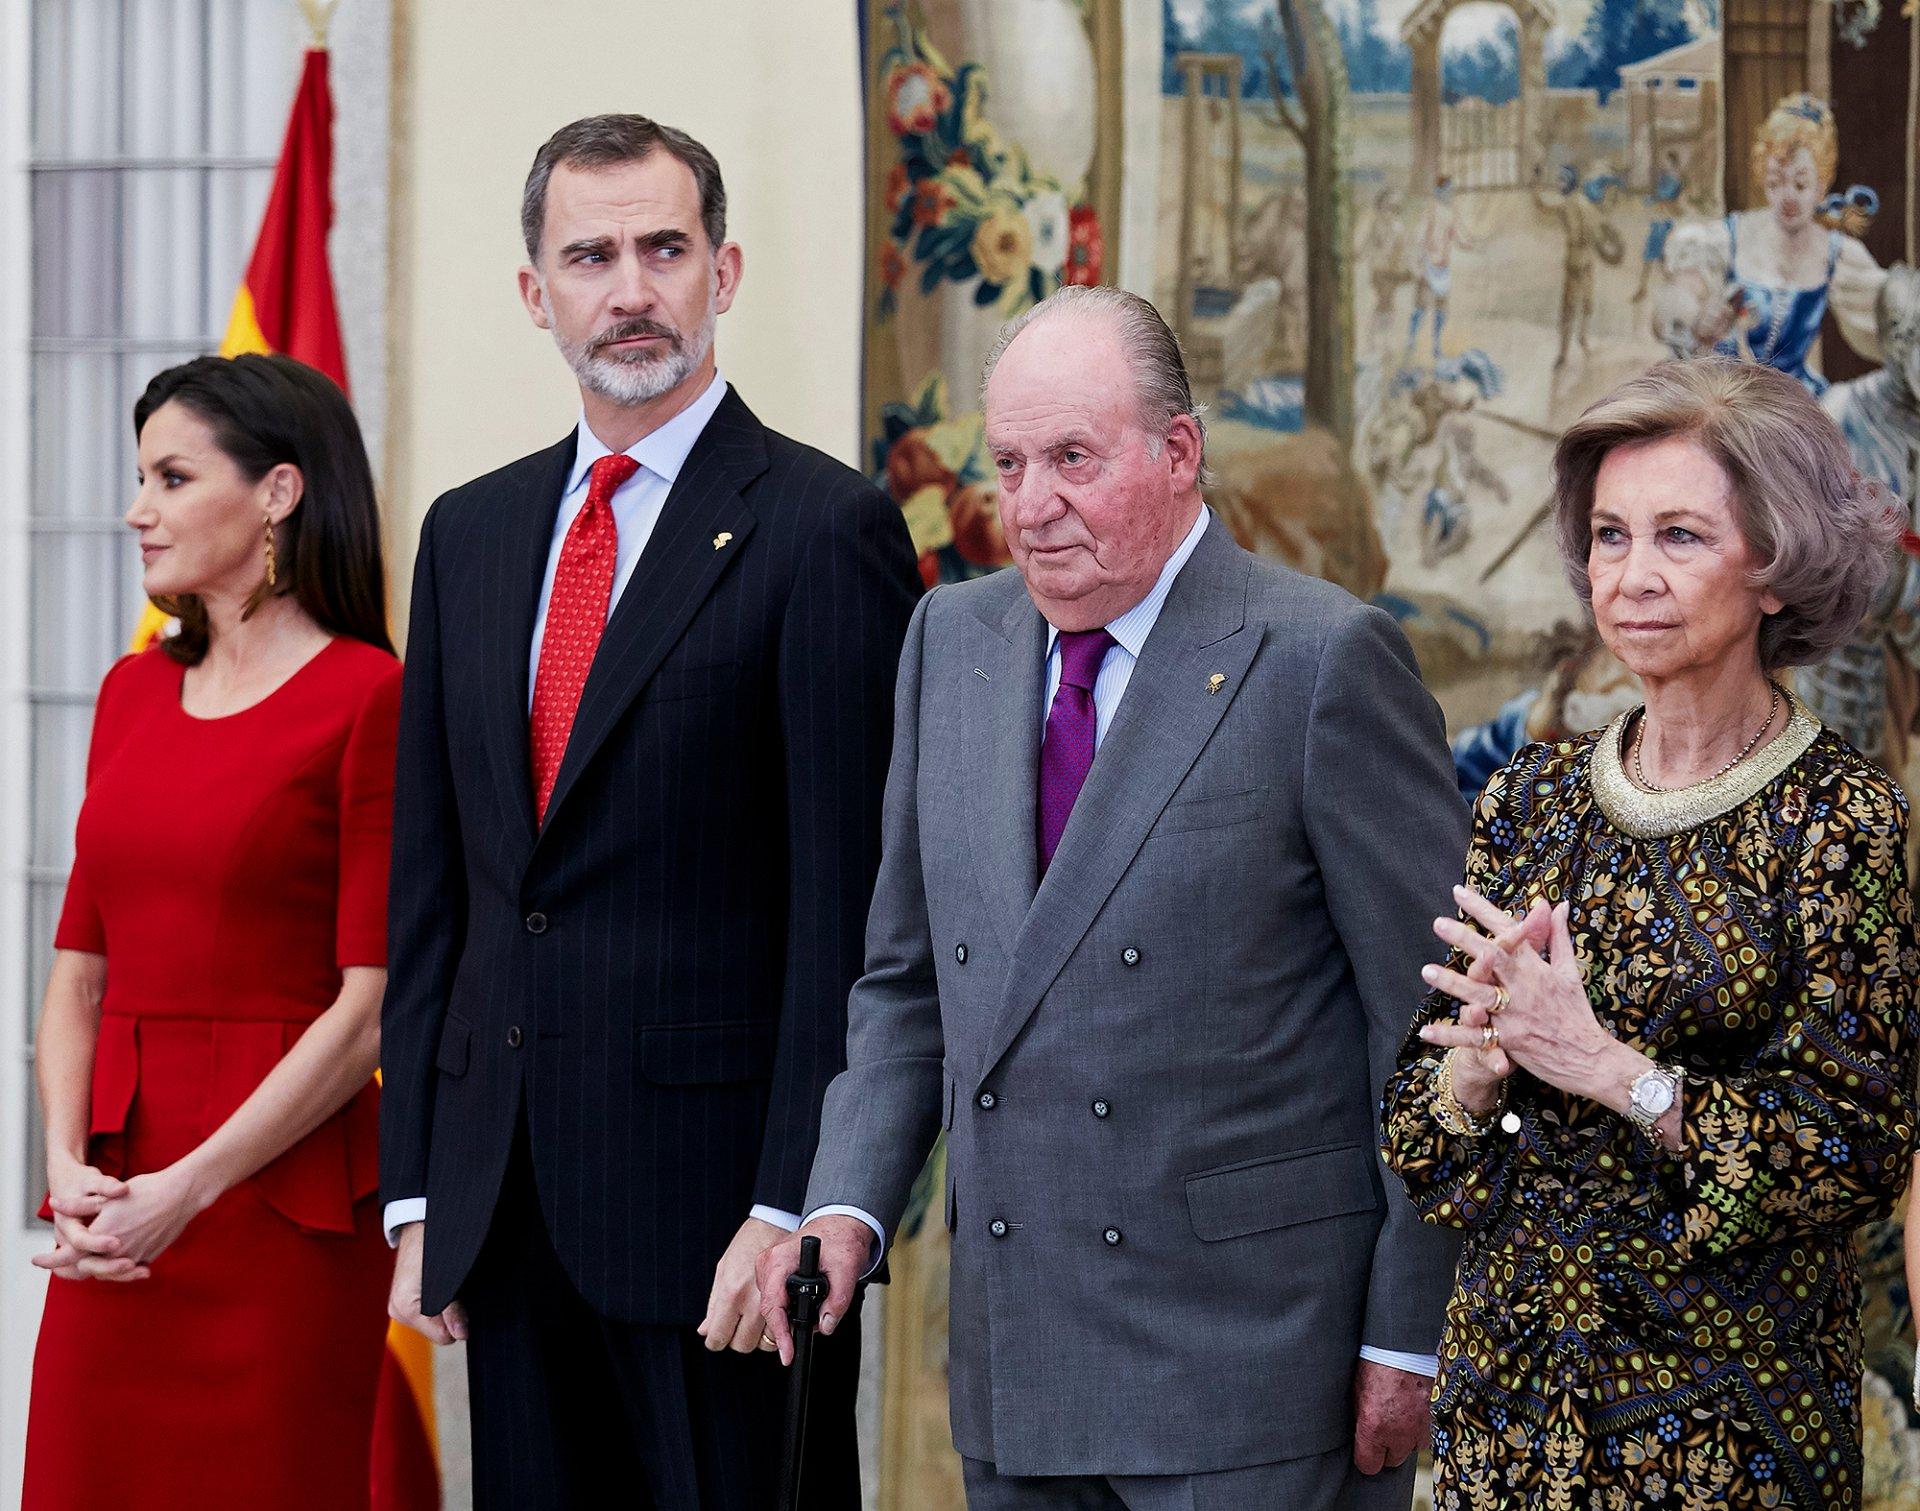 Испани улсын эзэн хаан эцгийнхээ өв хөрөнгийг залгамжлахаас татгалзлаа